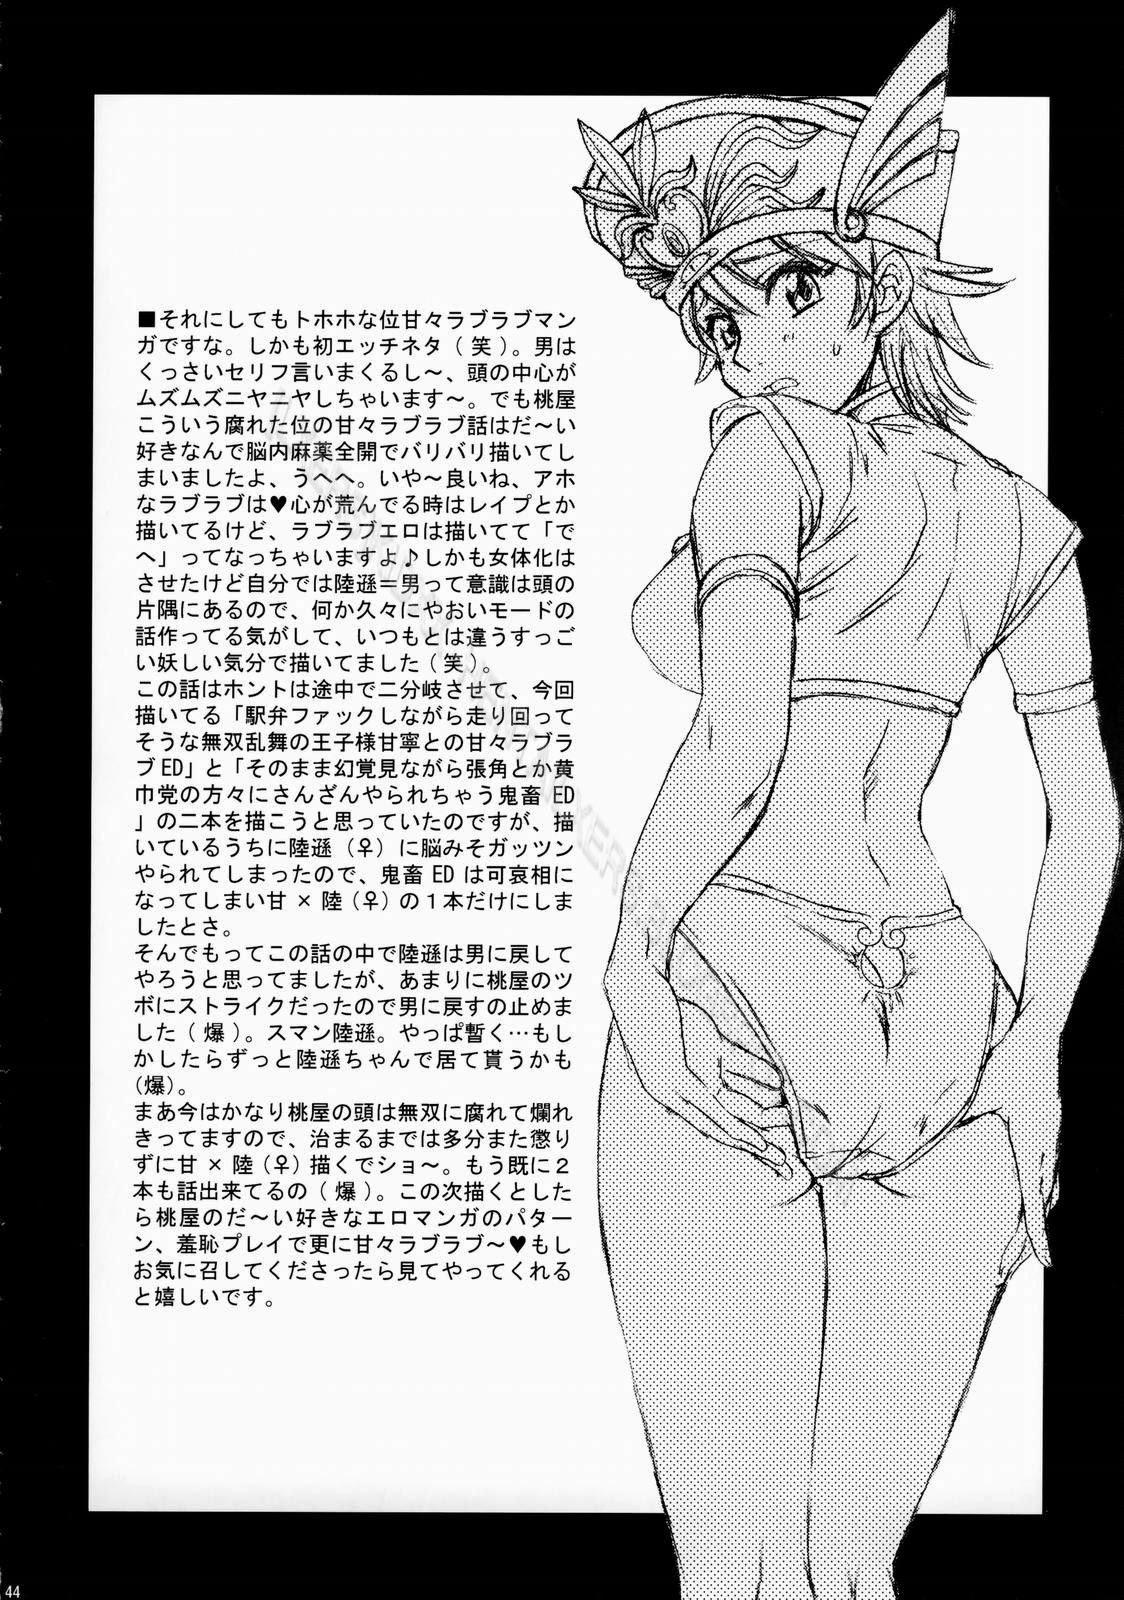 Hình ảnh rikuson 043 in In Sangoku Musou Rikuson Gaiden!